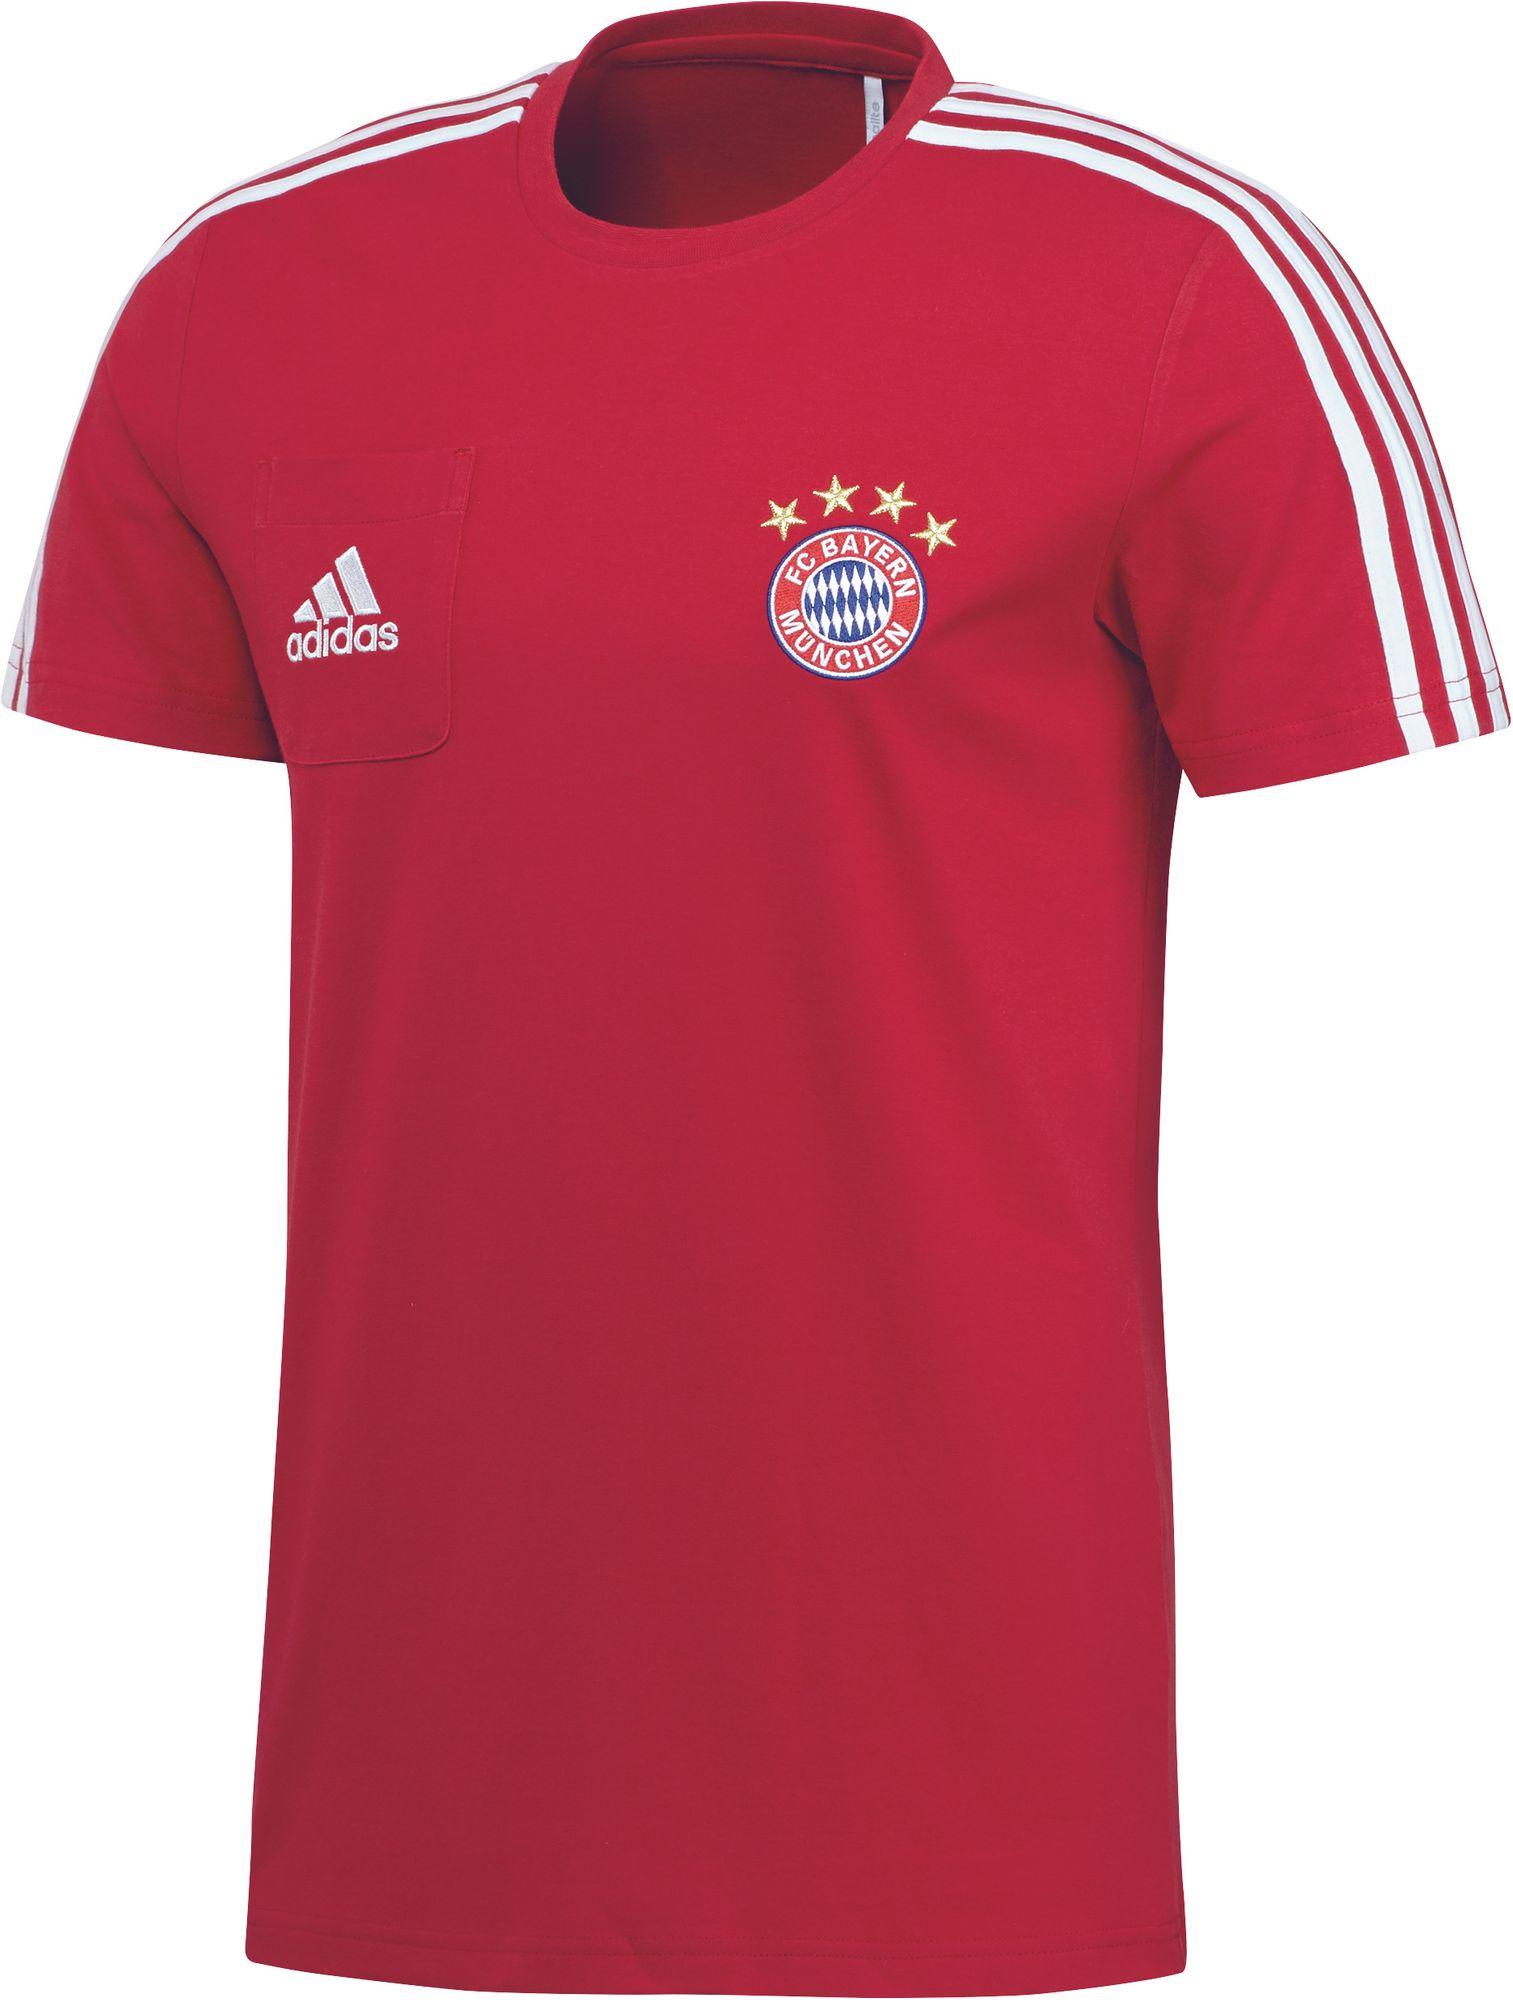 c506e2c4cbd7c4 adidas FC BAYERN MÜNCHEN T-Shirt Herren rot Fantrikots - Fanshop ...